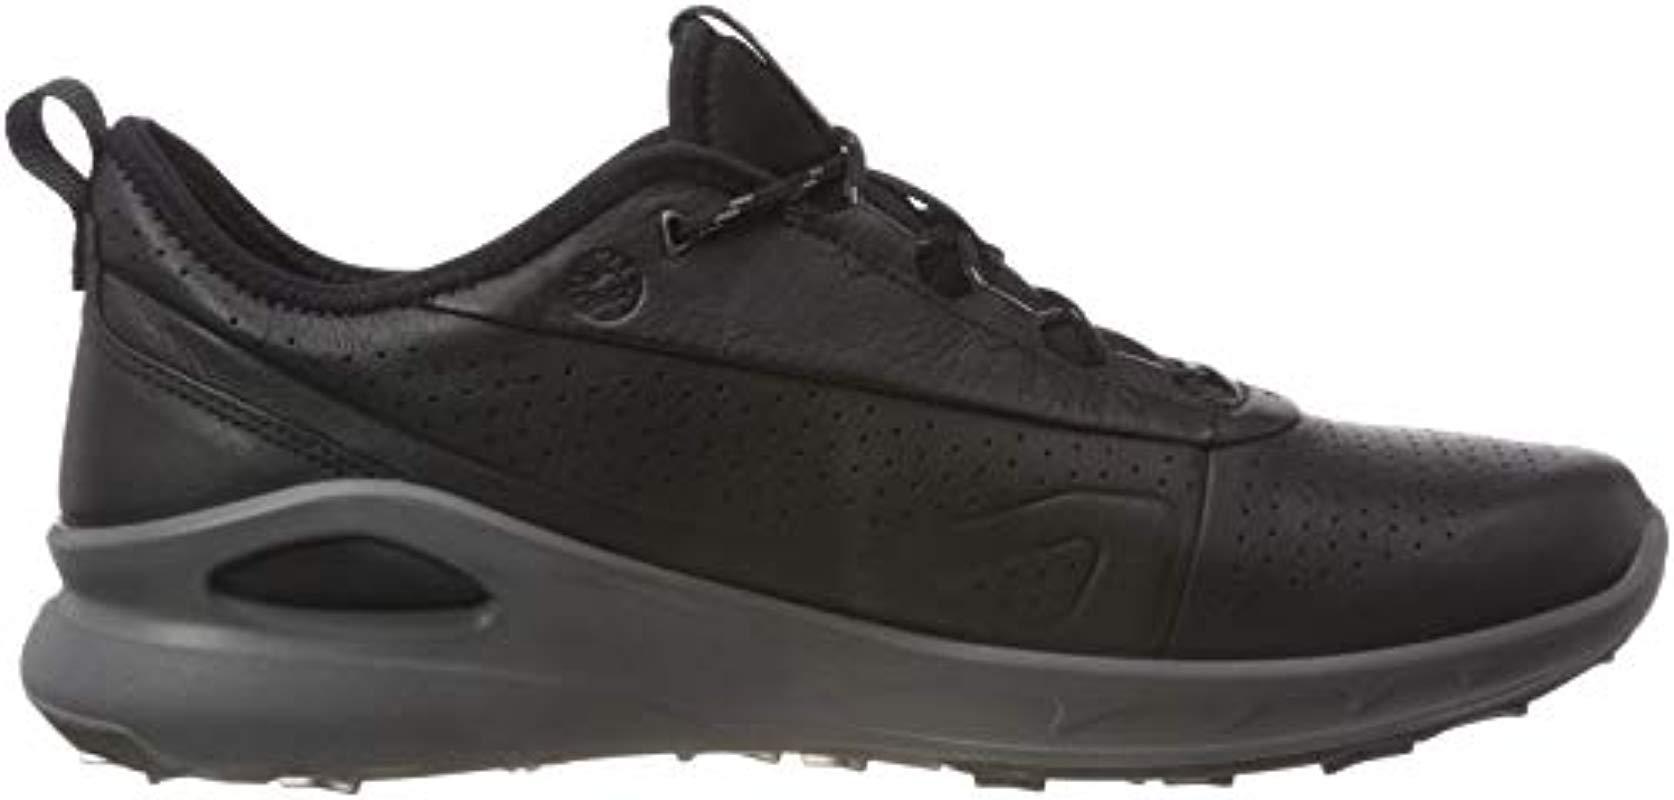 Biom Omniquest, Sneakers Basses Ecco pour homme en coloris Noir  WBb9